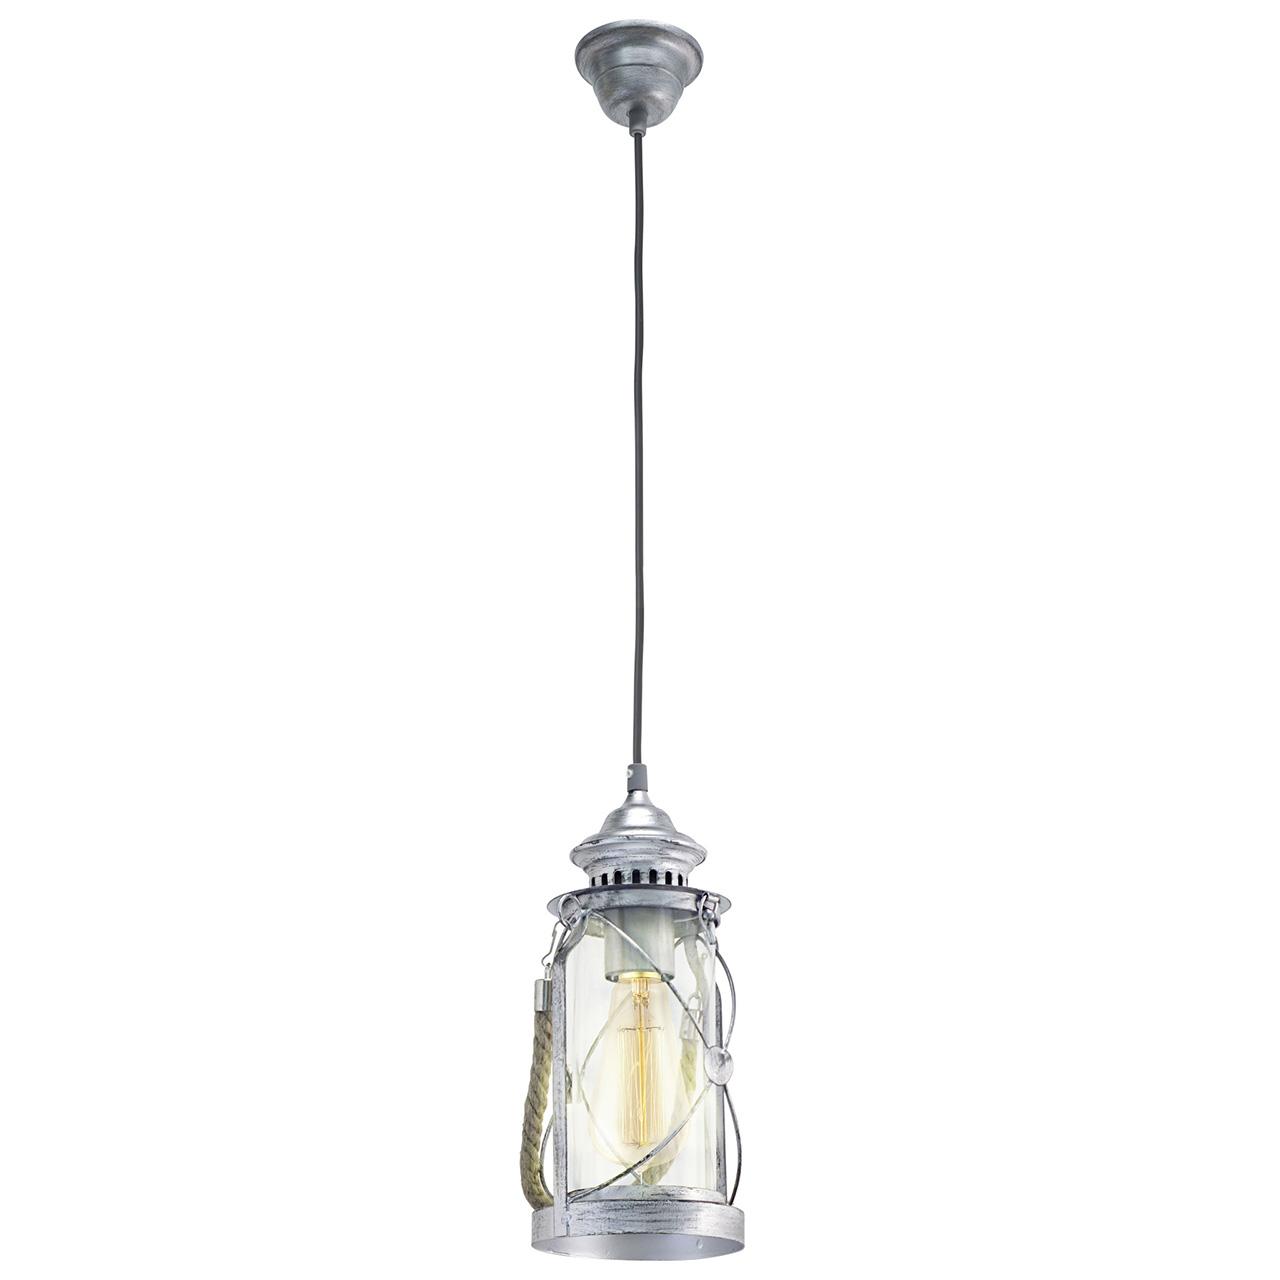 Подвесной светильник Eglo Vintage 49214 подвесной светильник eglo vintage 49224